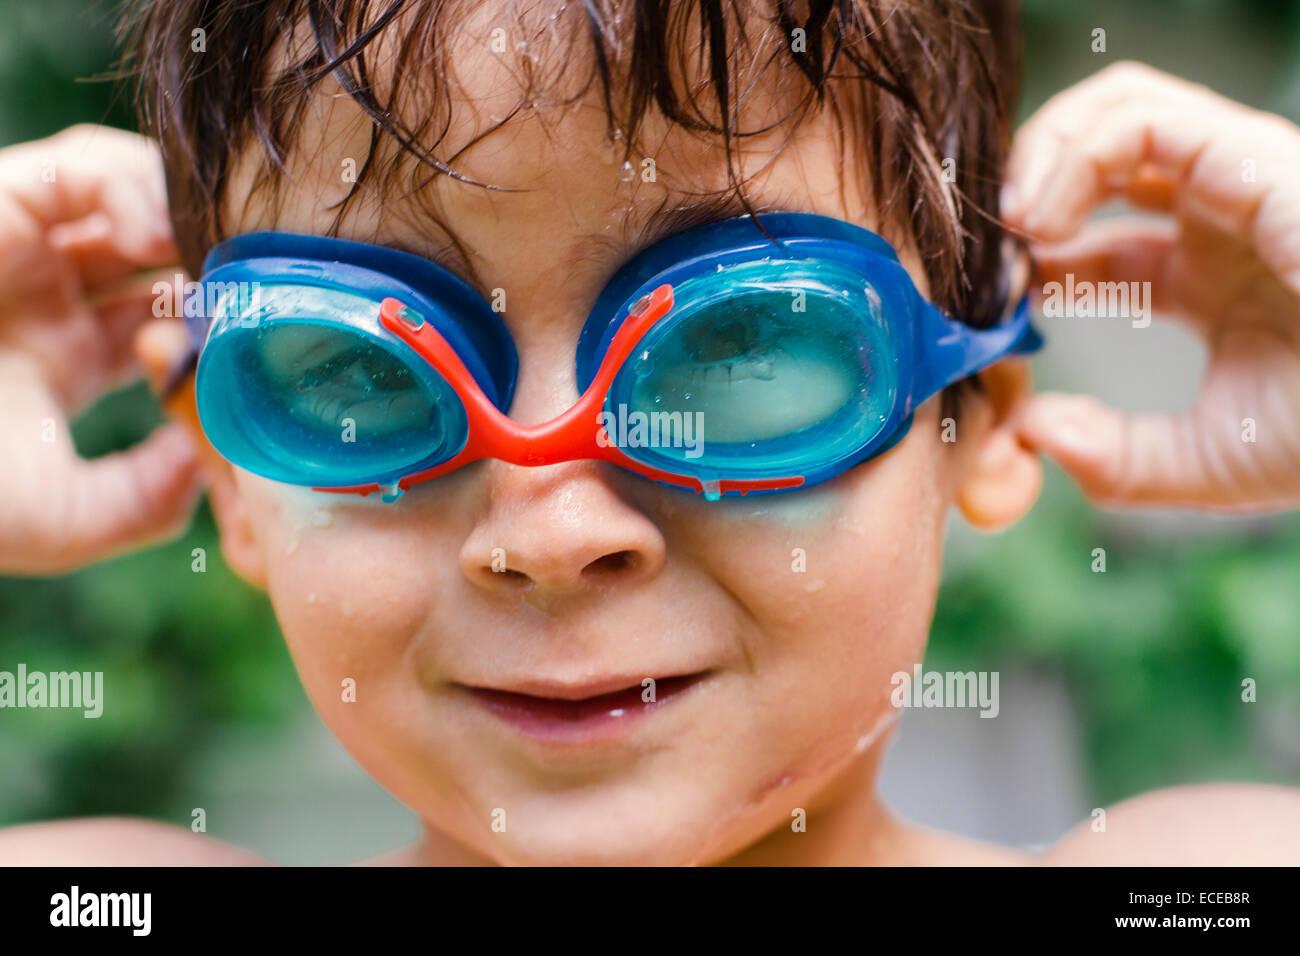 Ritratto di ragazzo (4-5) indossando occhiali da nuoto Immagini Stock